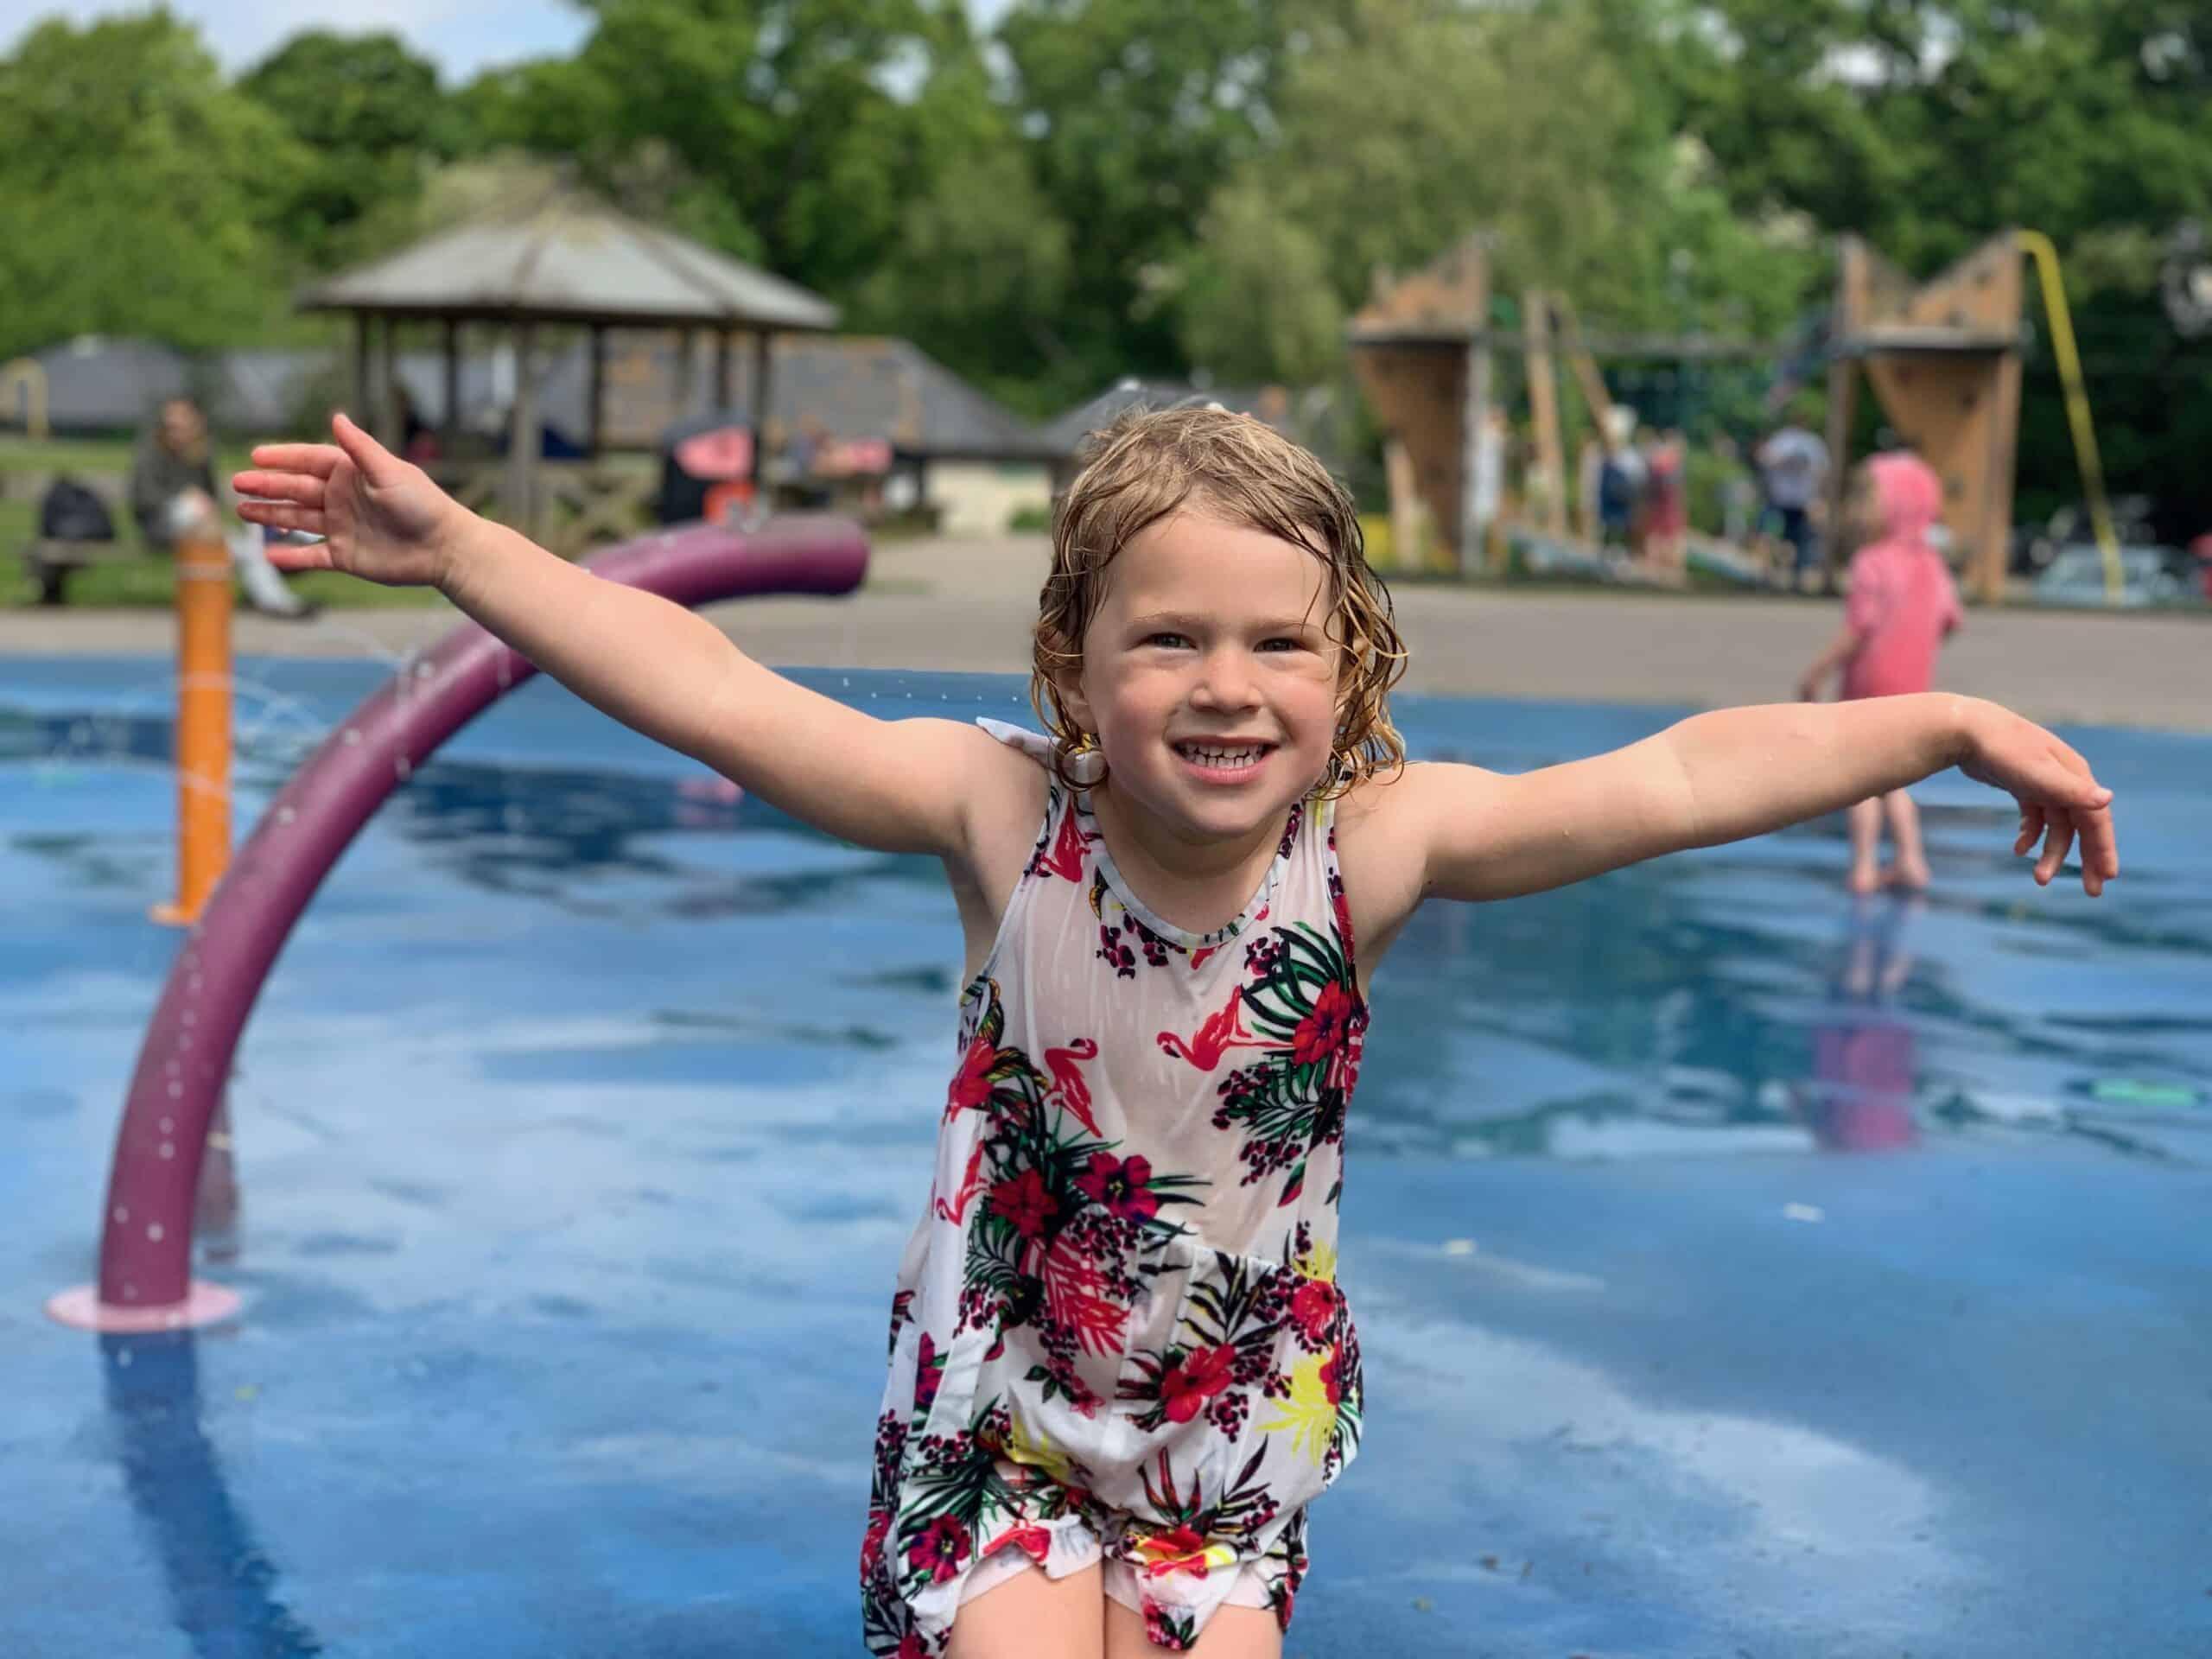 Child in splash park at Decoy Country Park adventure playground in Devon